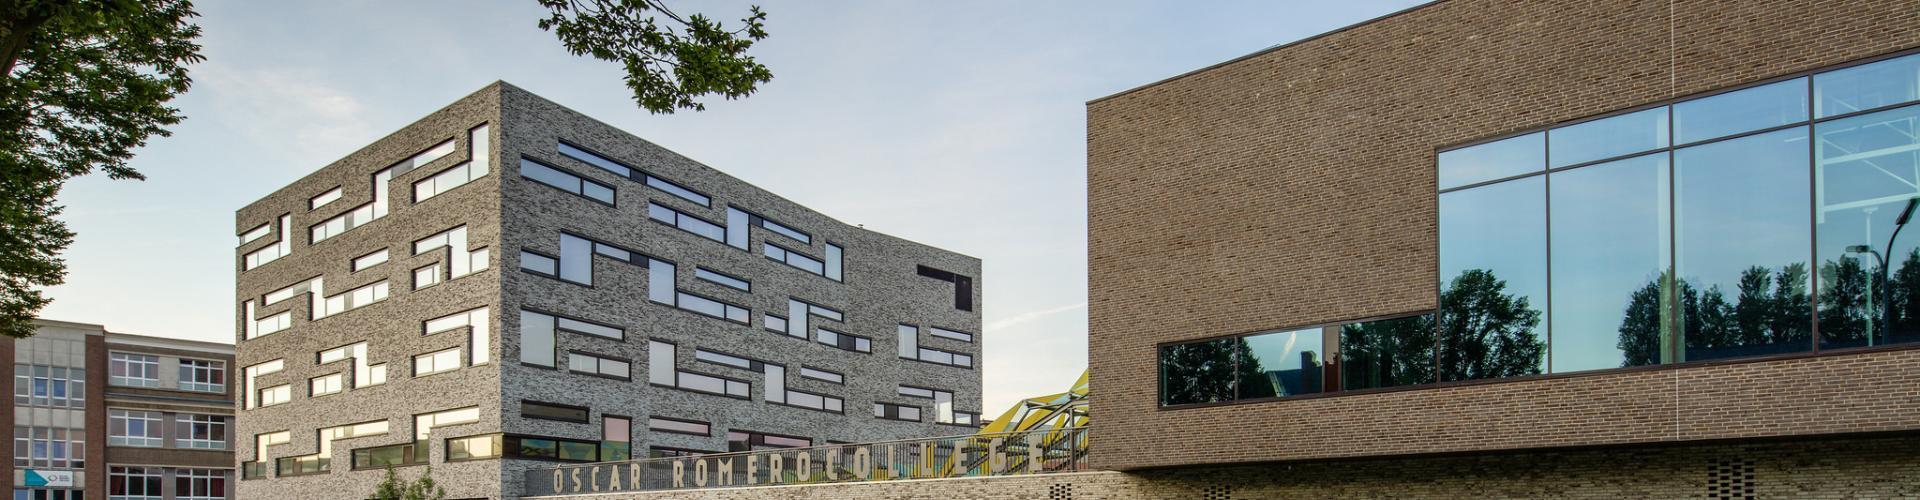 Óscar Romerocollege Dendermonde